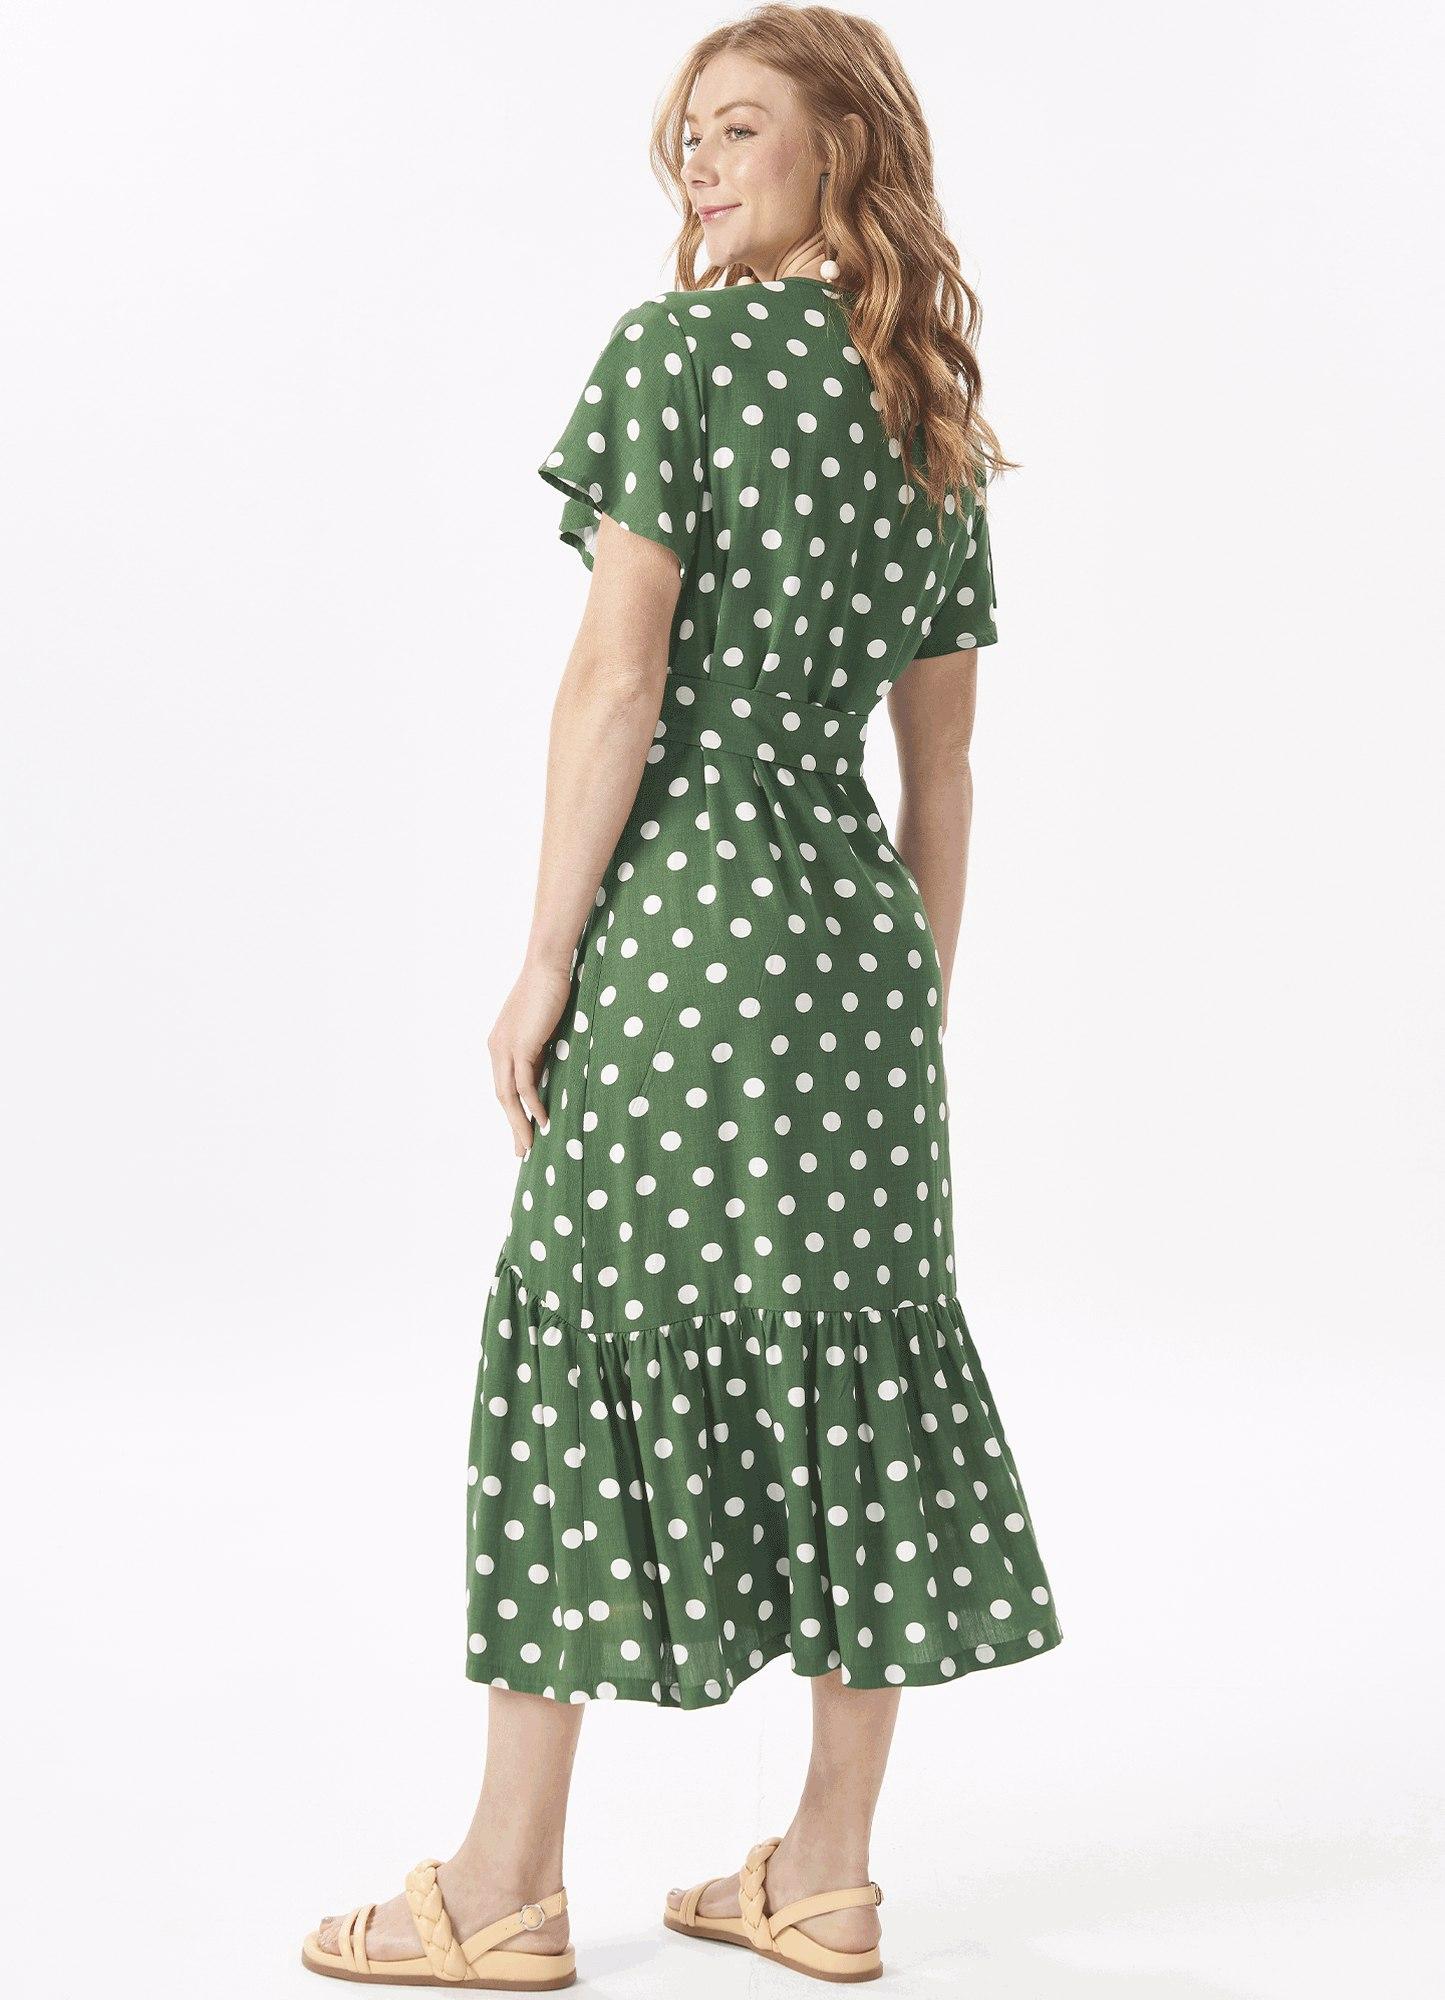 Vestido Feminino Mídi Tecido Estampa Poá Faixa Amarração e Botões